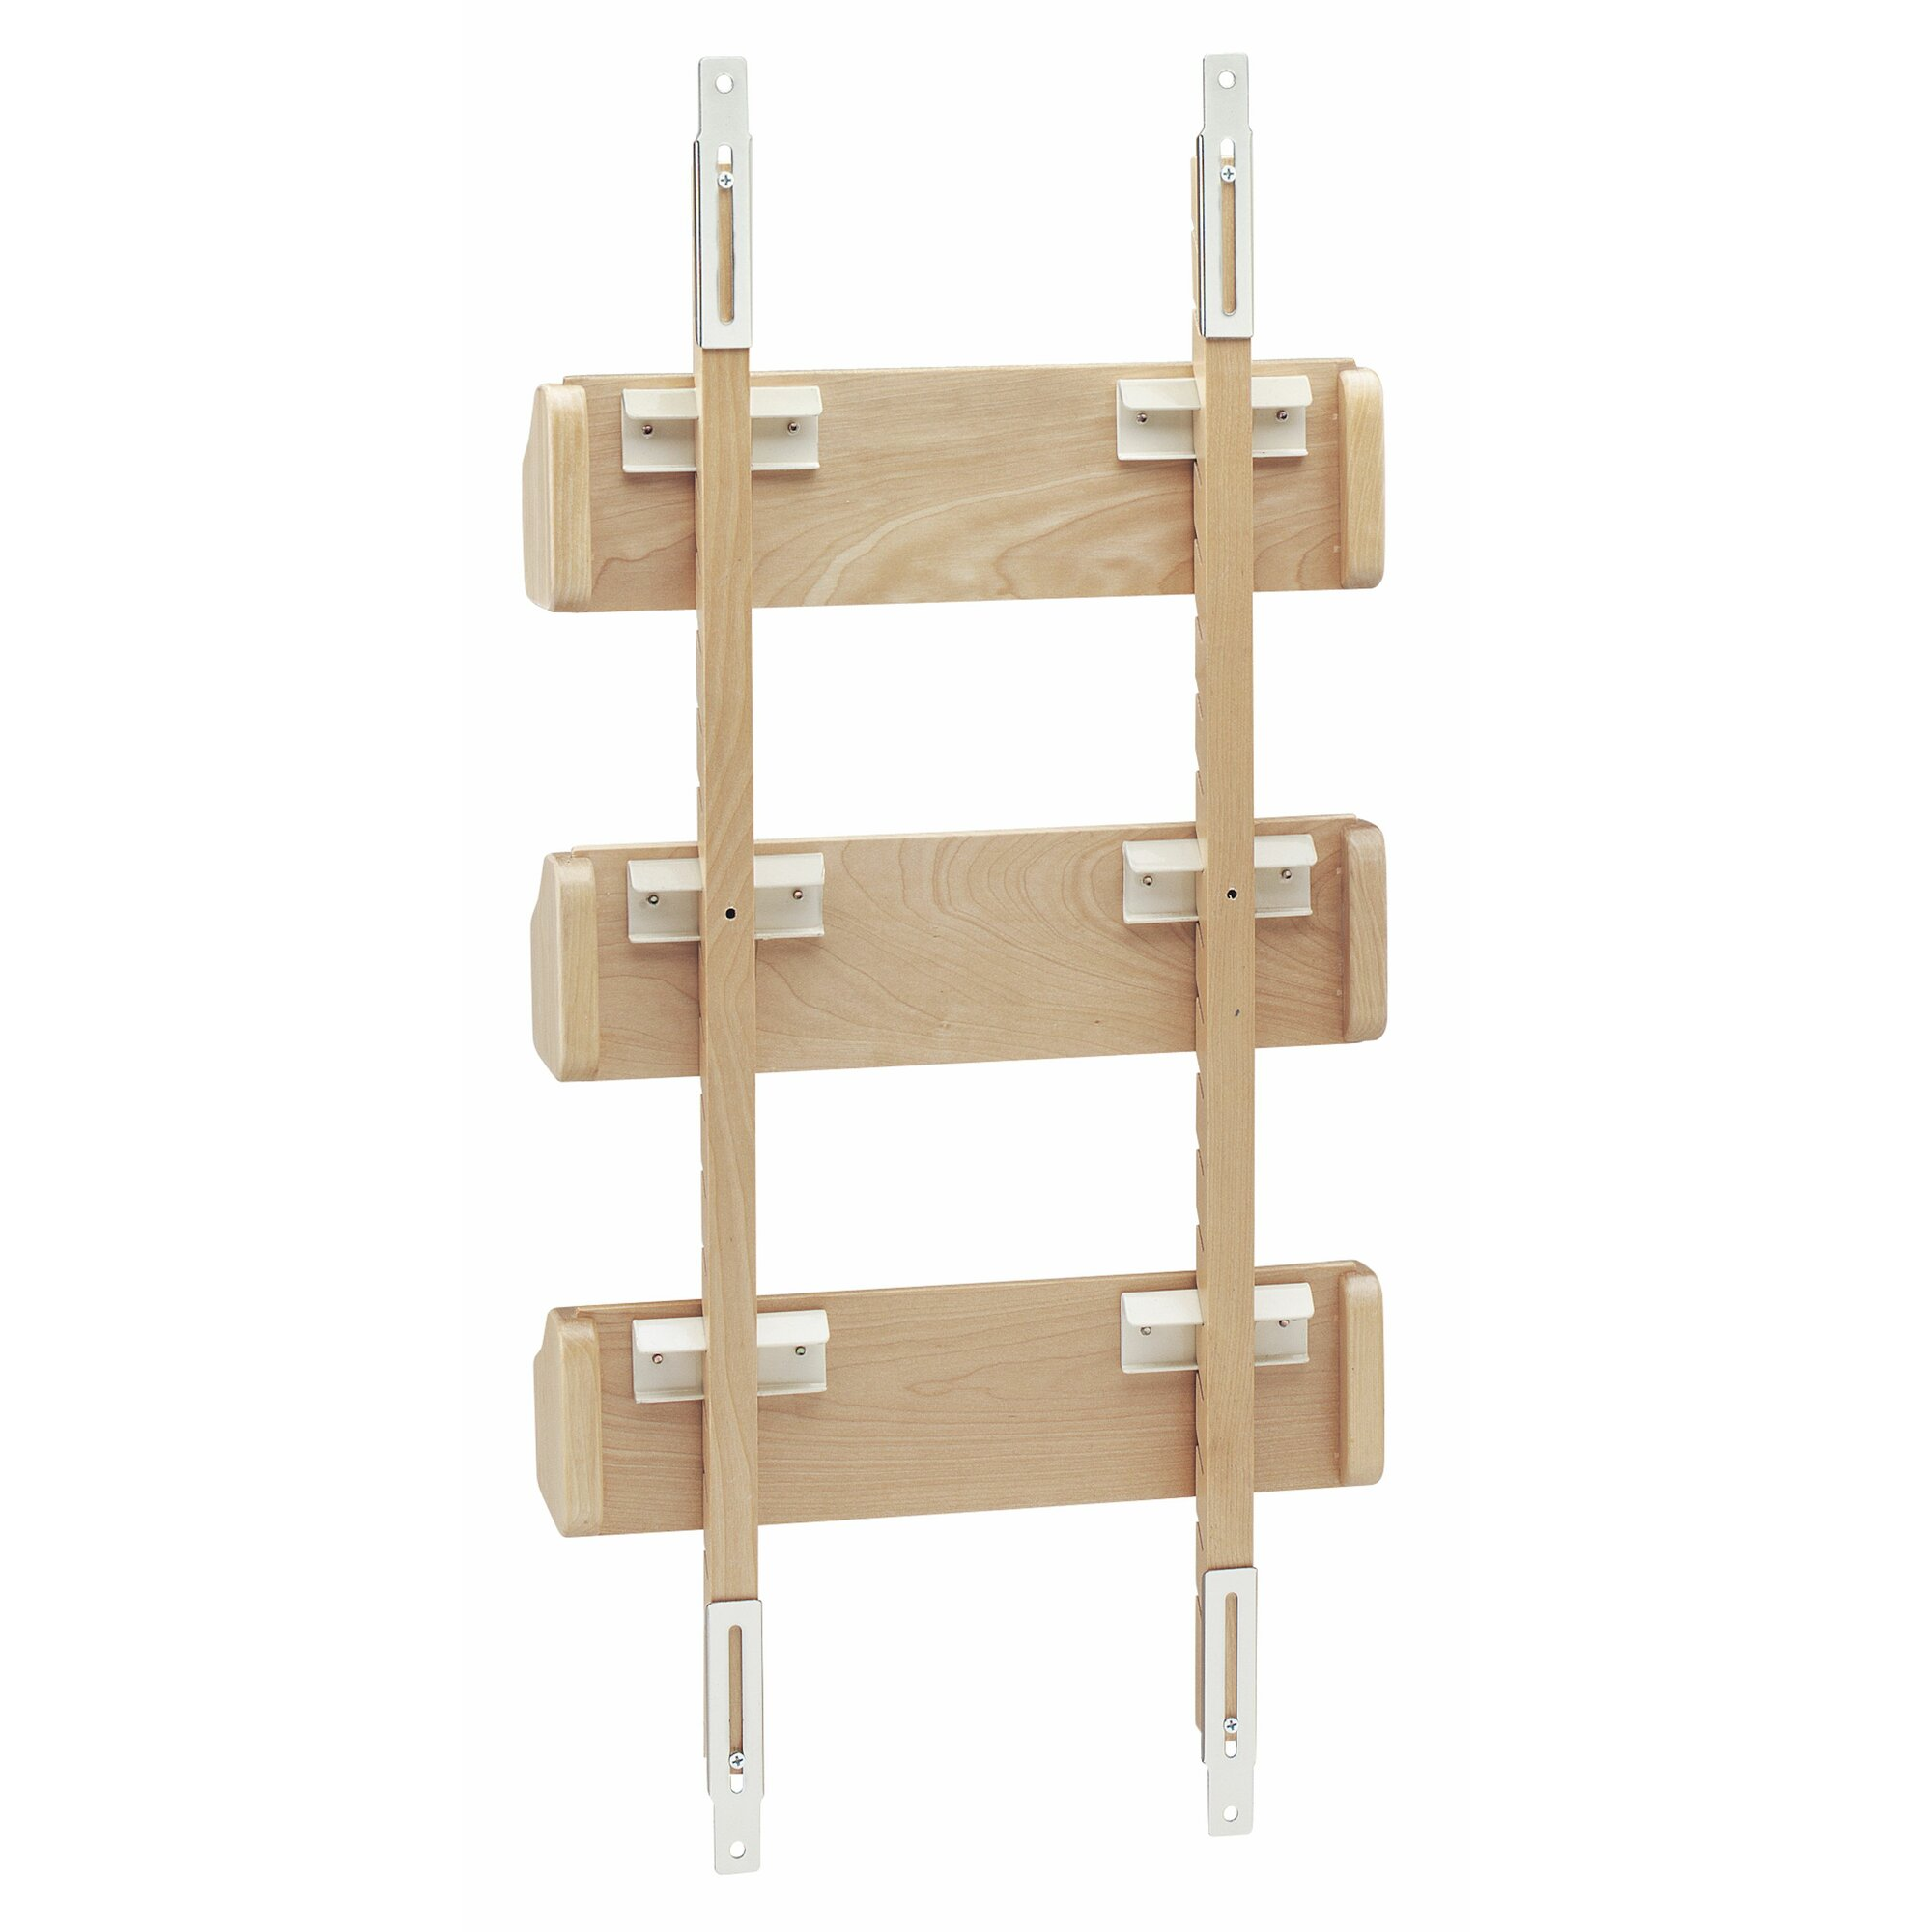 rev a shelf adjustable door mount spice rack reviews wayfair. Black Bedroom Furniture Sets. Home Design Ideas